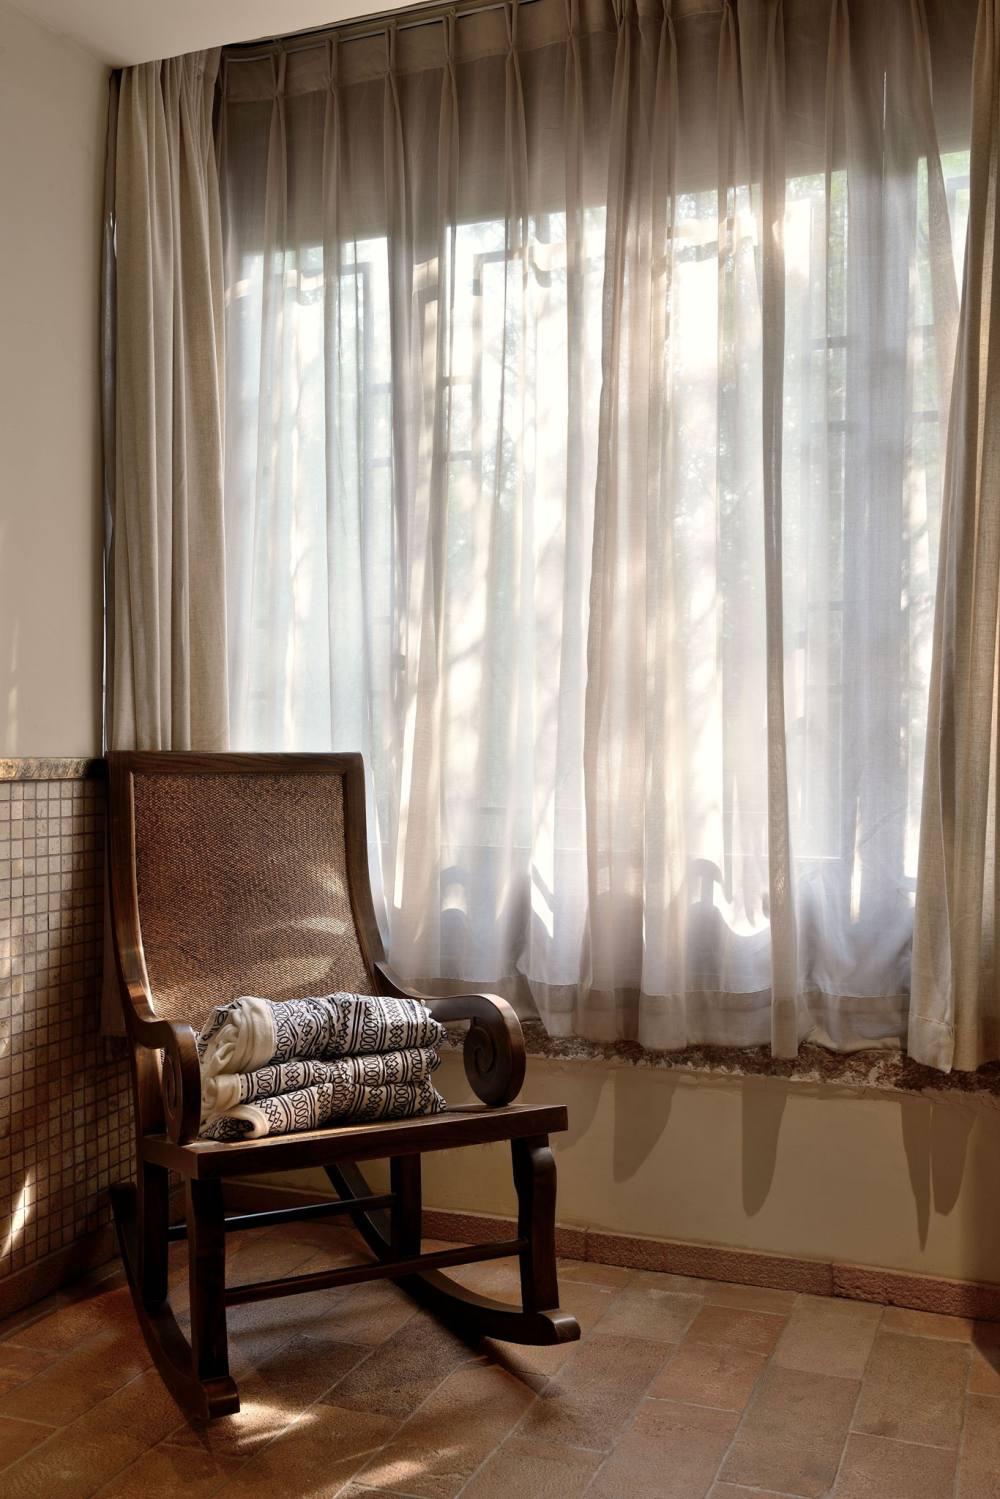 丽江古城花间堂问云山庄(官方摄影) Blossom Hill Inn Lijiang_6597545855192446506.jpg